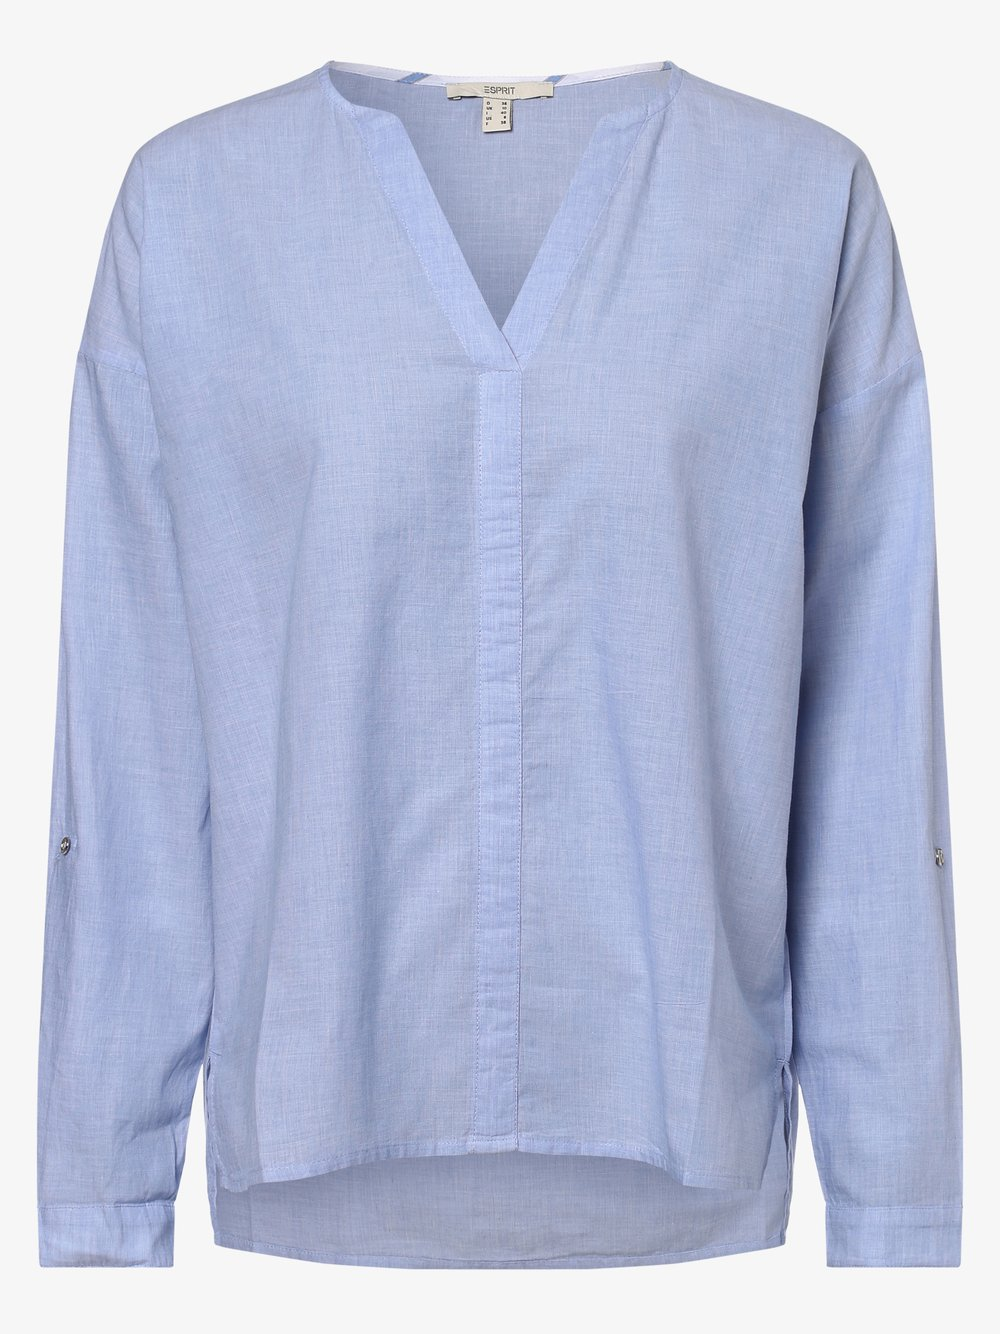 Esprit Casual – Bluzka damska, niebieski Van Graaf 471923-0001